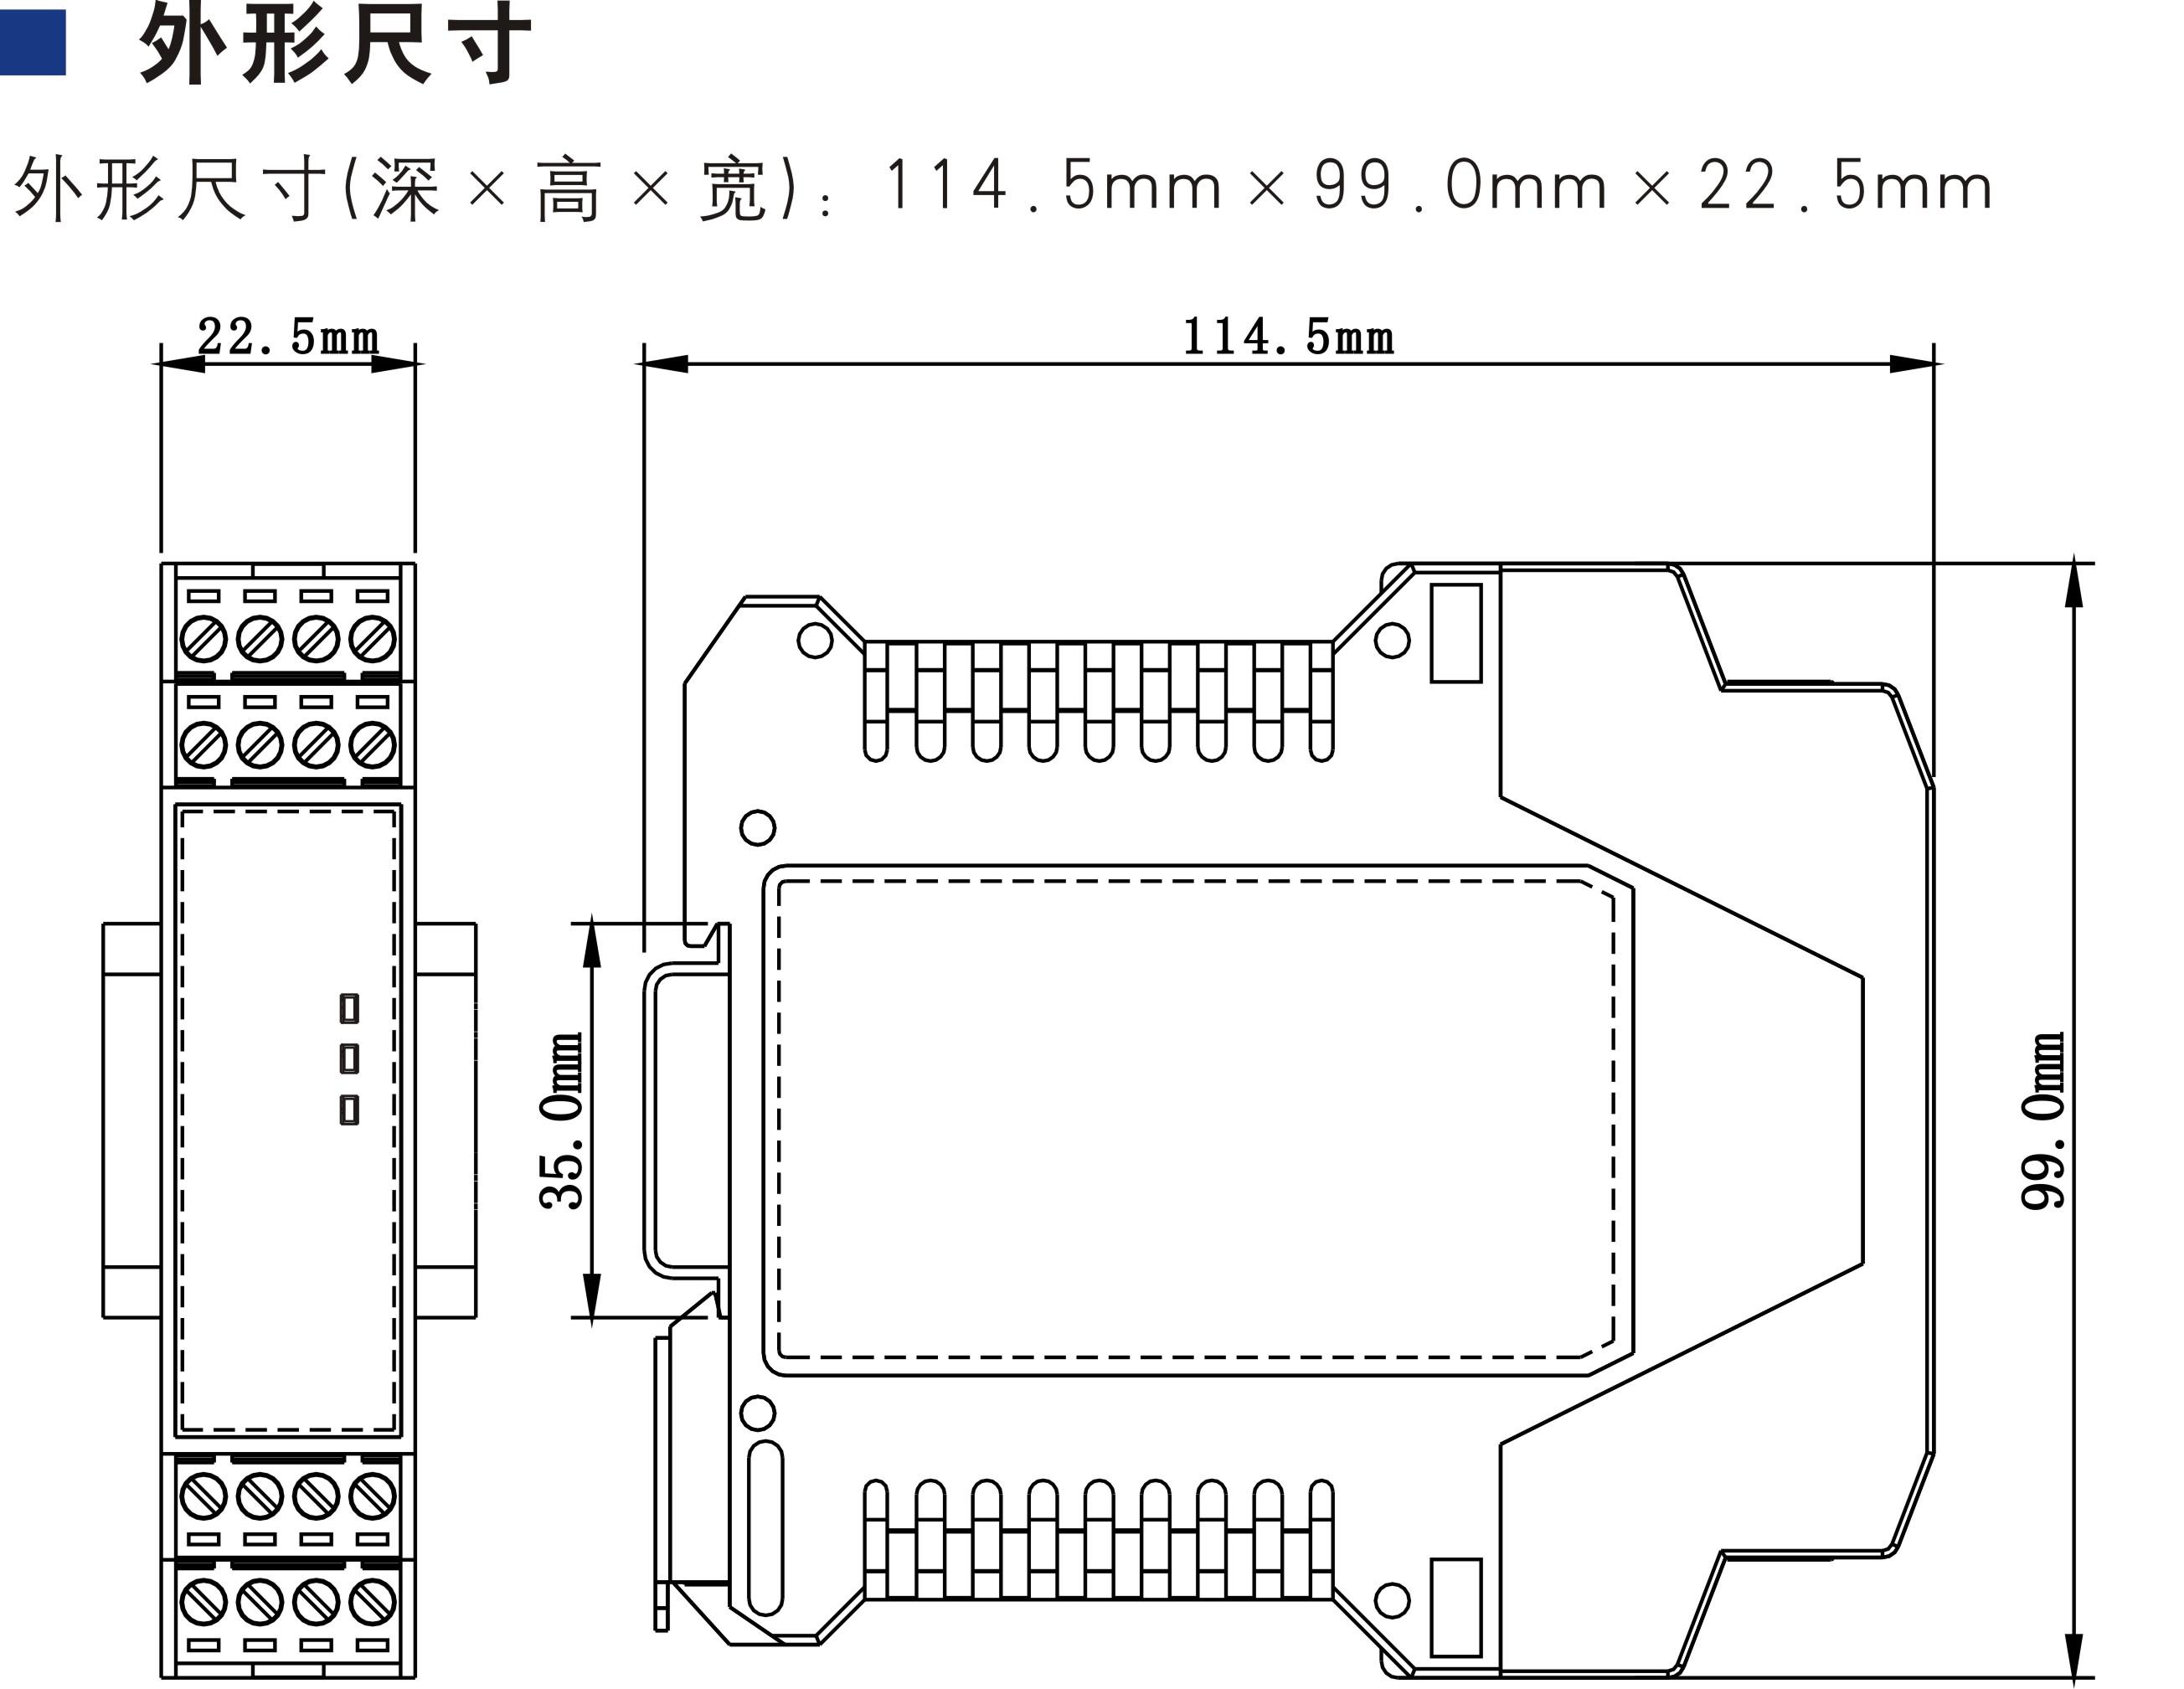 開關型安全設備輸入 (NPN型安全光幕 24V DC 2NO+2NC 自動/手動復位)